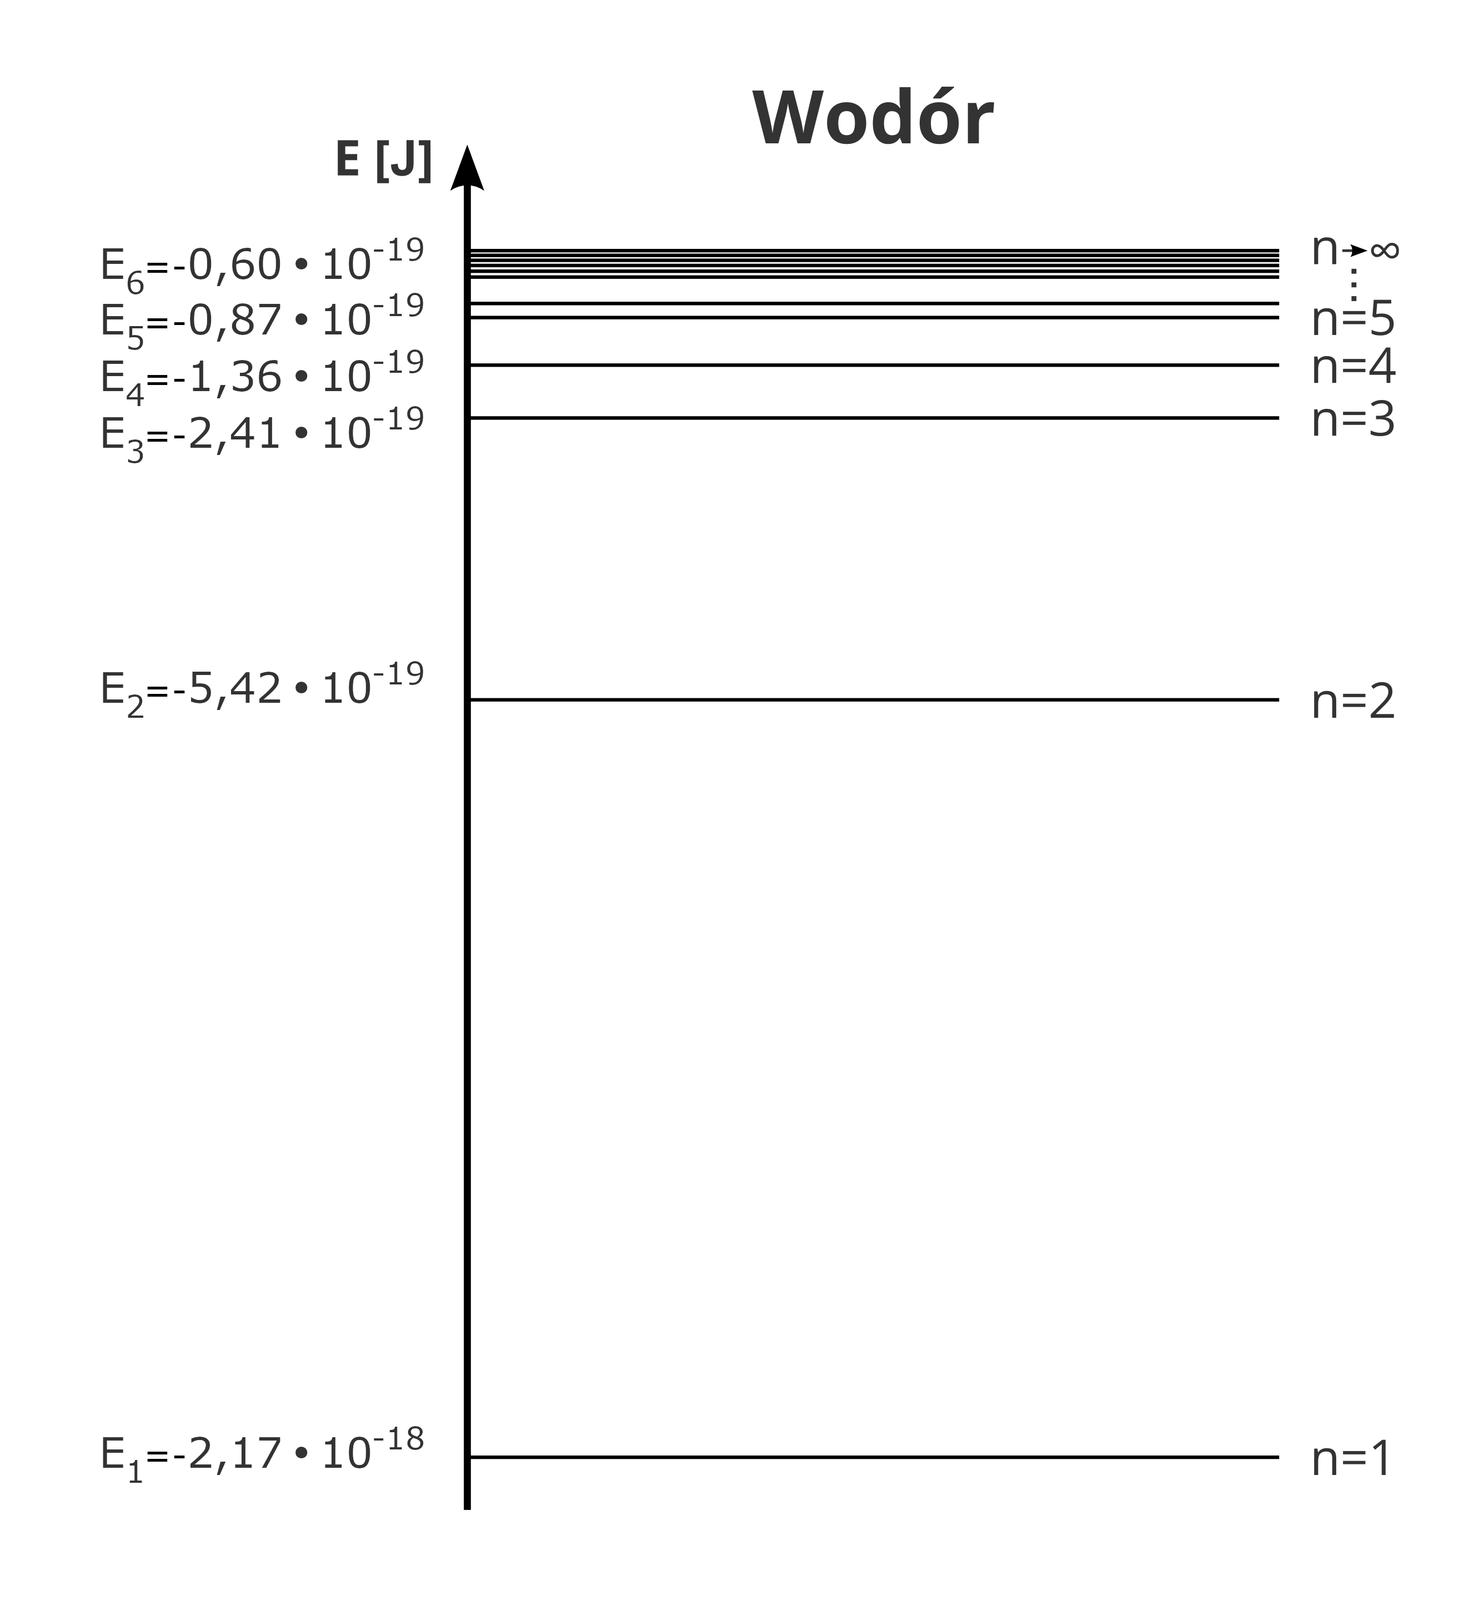 """Ilustracja przedstawia schemat poziomów energetycznych atomu wodoru. Pionowa czarna linia zakończona jest grotem skierowanym wgórę. Na lewo litera """"E""""; wnawiasie kwadratowym duża litera """"jot"""". Na prawo, wzdłuż pionowej osi, poziome linie długości około pięć centymetrów. Poziome linie to poziomy energetyczne. Poziomy tworzą kąt prosty wstosunku do pionowej osi. Upodstawy osi tylko jeden poziom. Wpołowie osi jeden poziom. Wgórnej części osi kilka poziomów."""